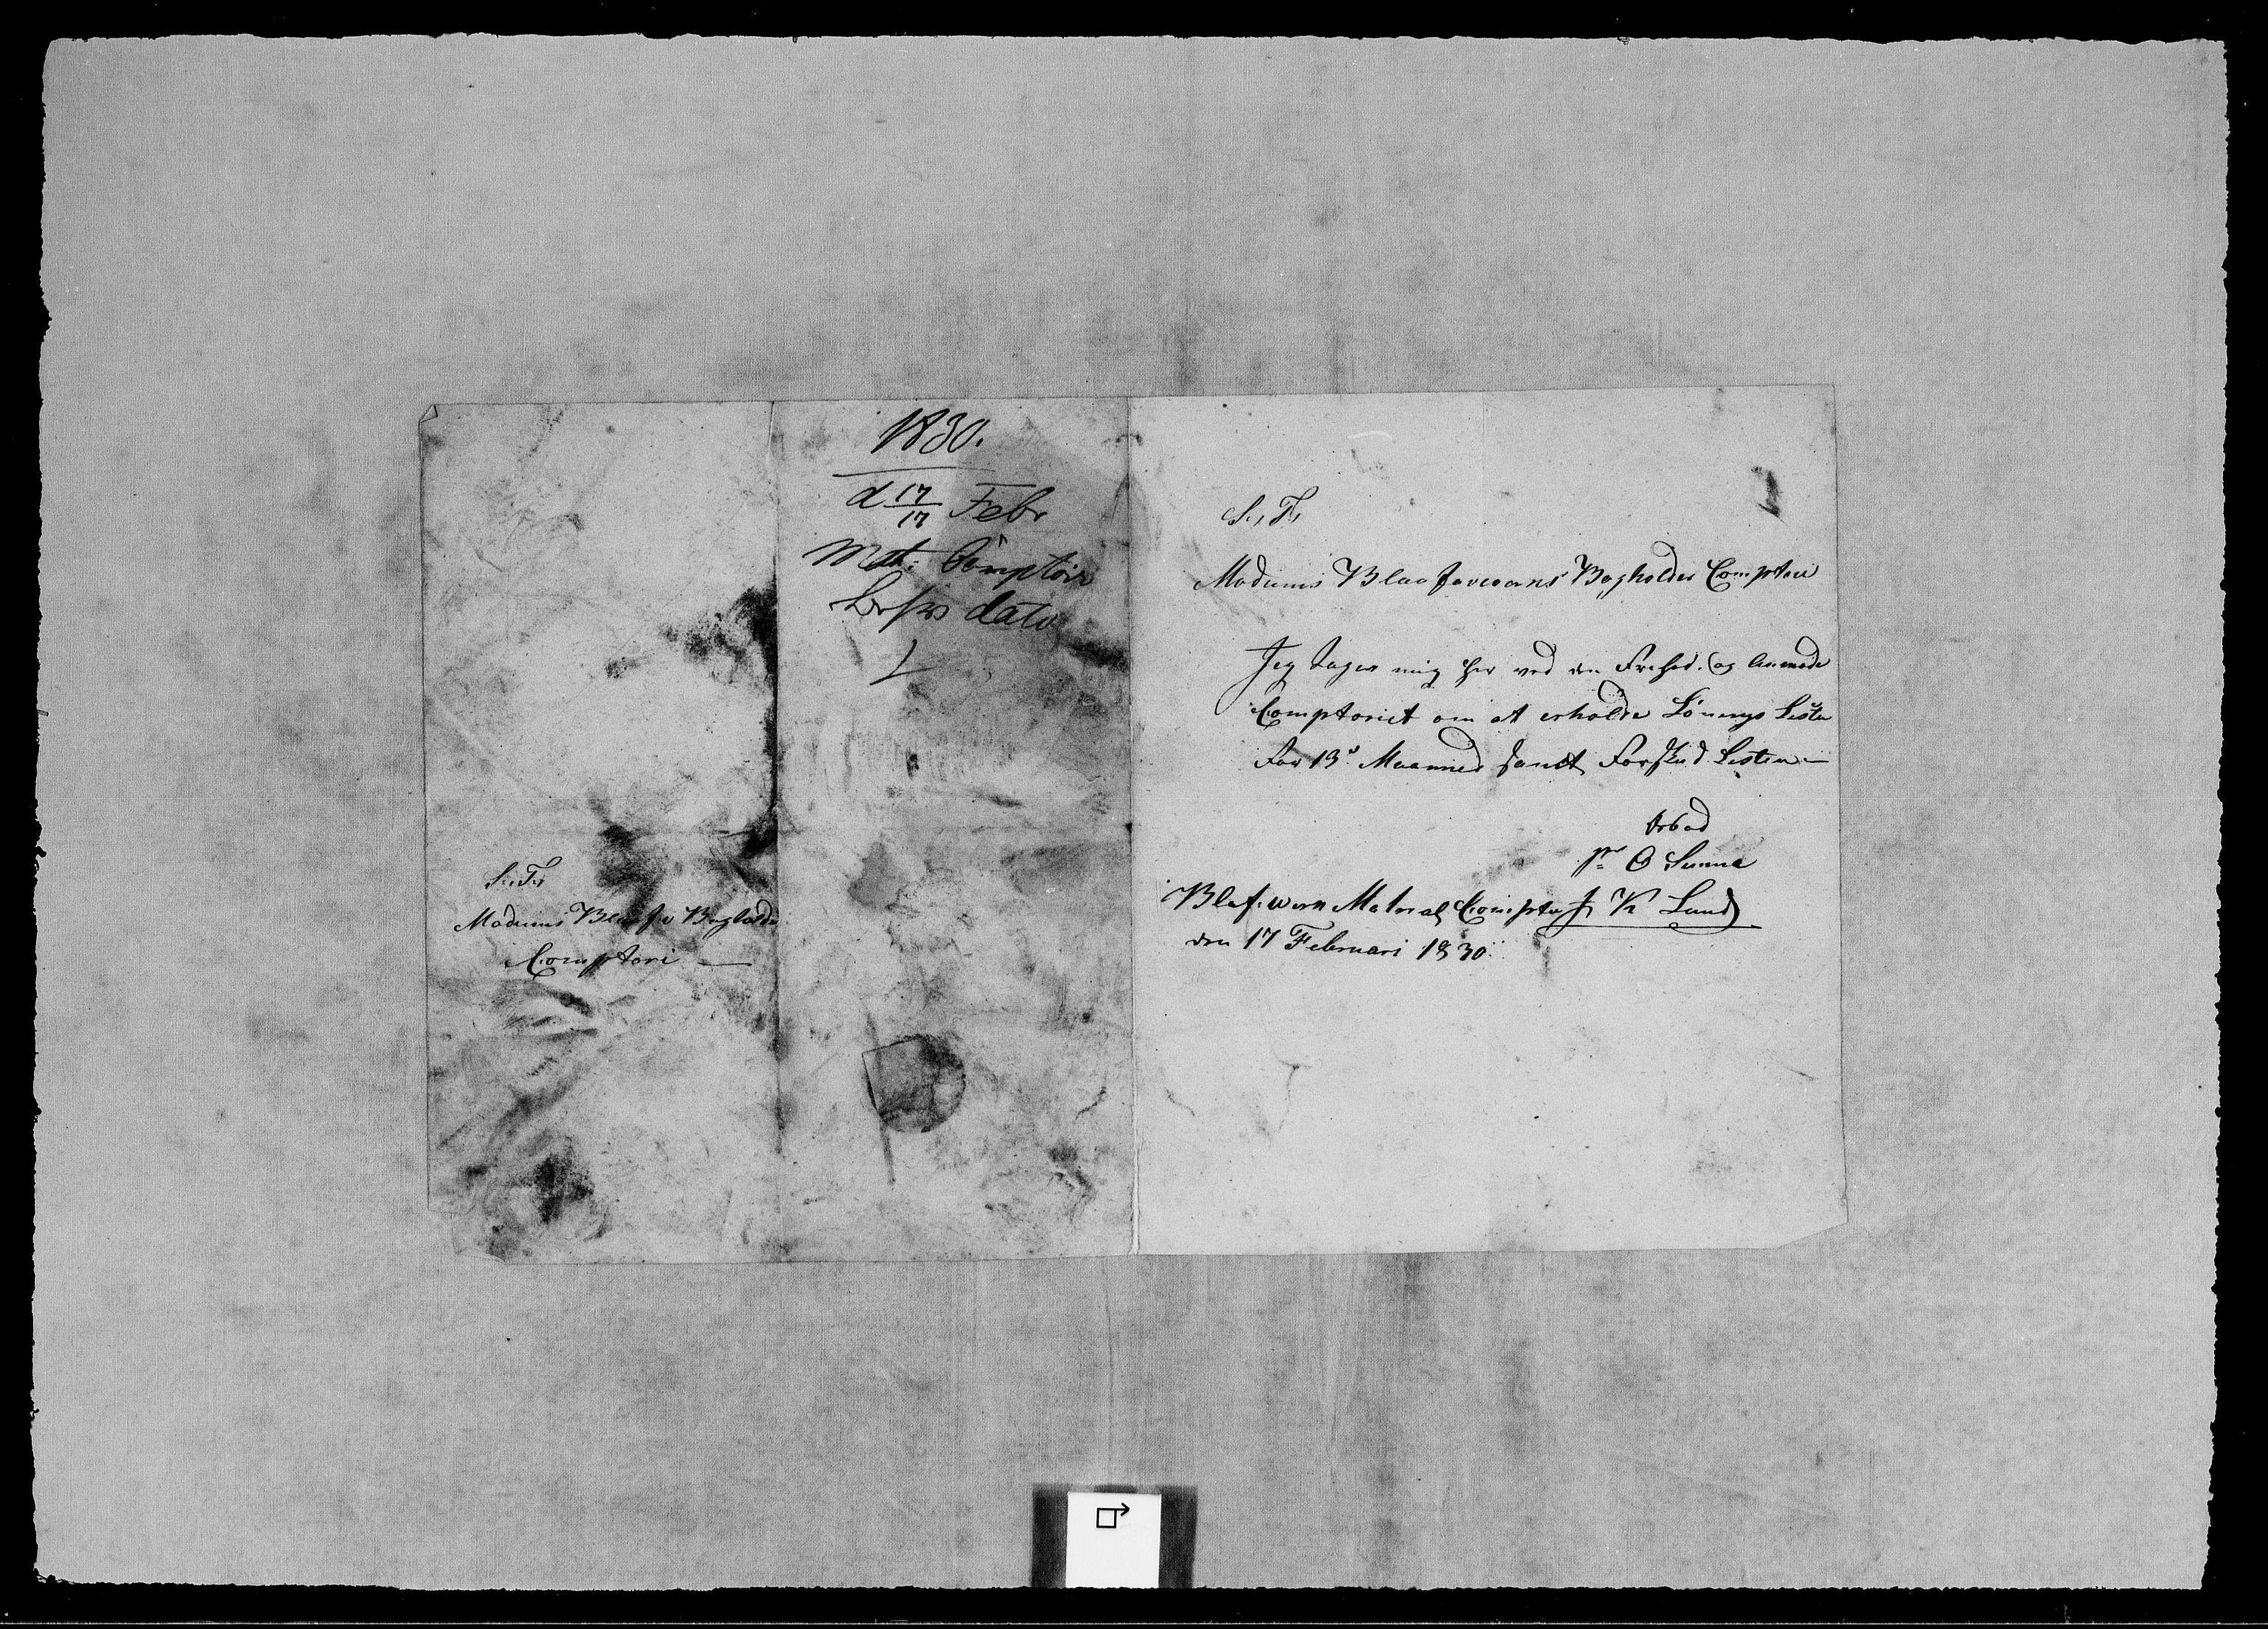 RA, Modums Blaafarveværk, G/Gb/L0104, 1829-1830, s. 2